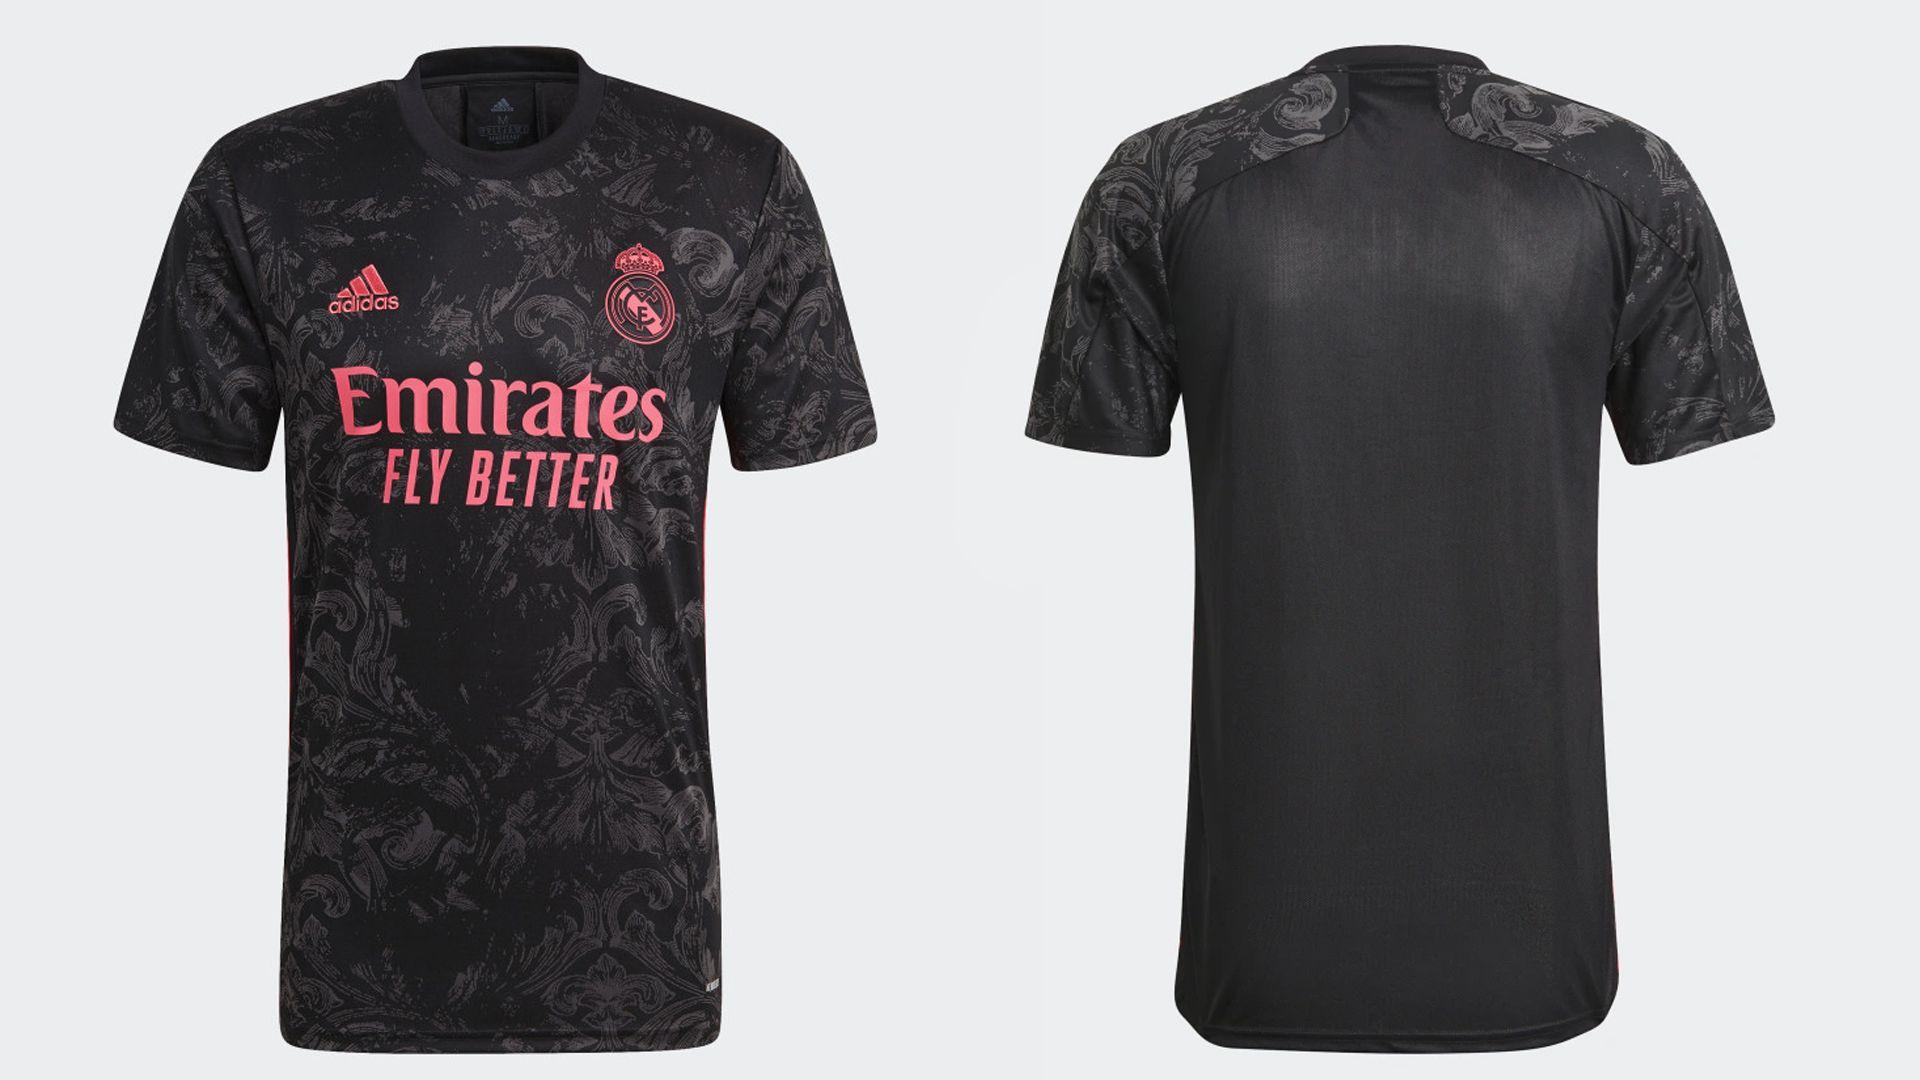 Camisa do Real Madrid Preta (Imagem: Divulgação/Adidas)